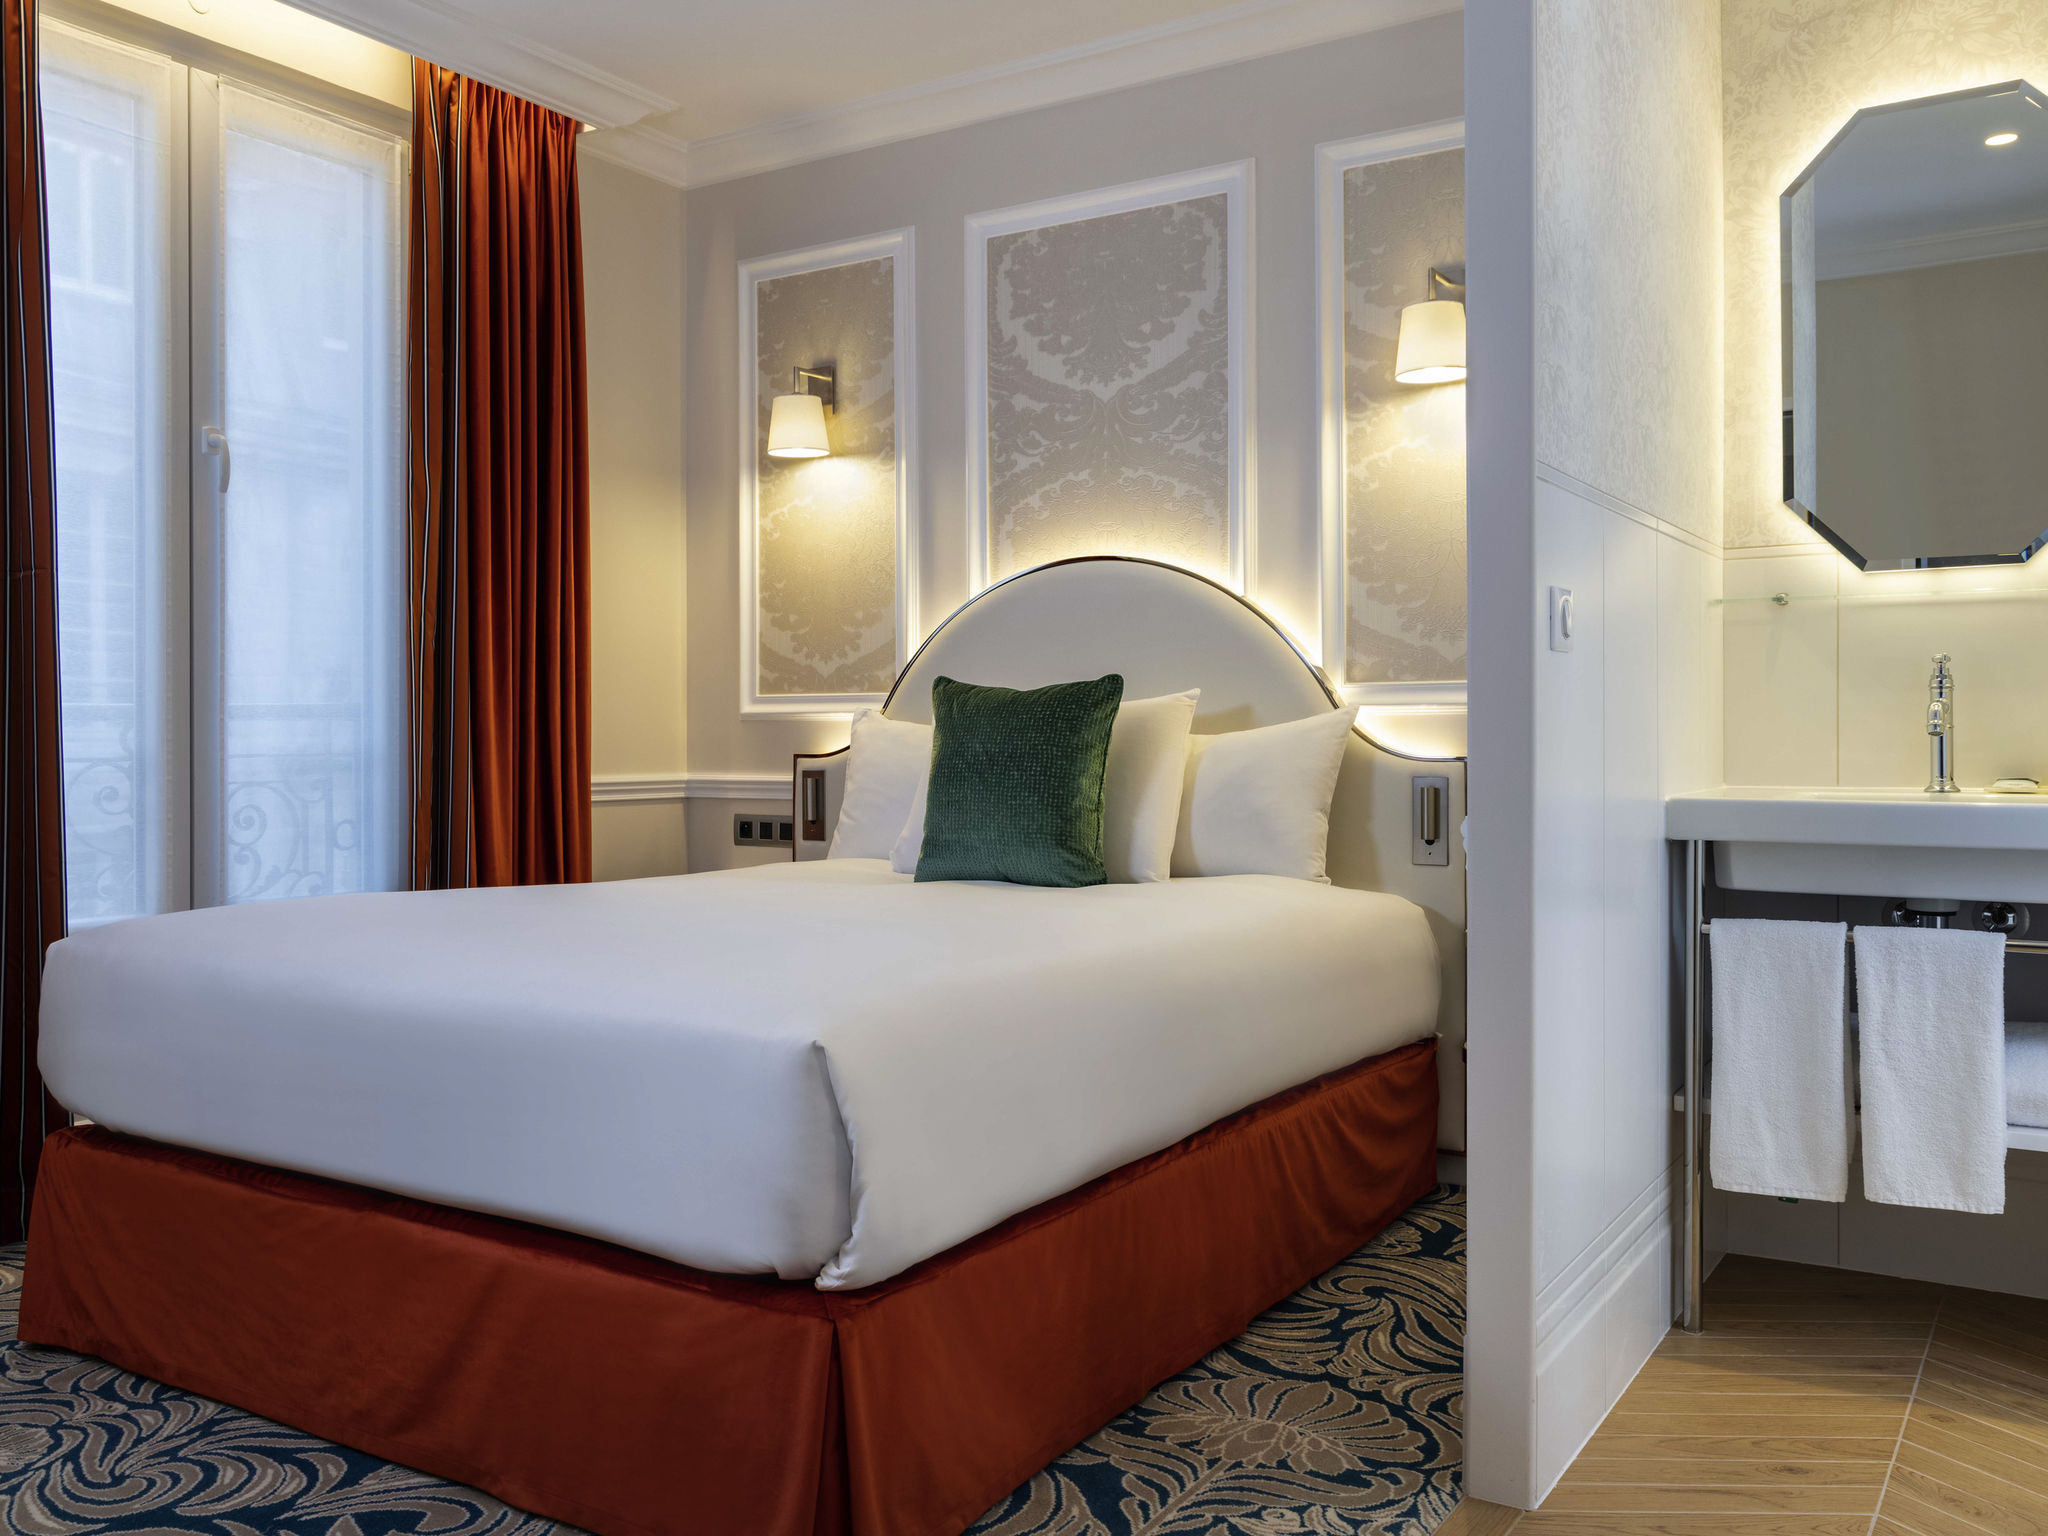 Otel – Mercure Paris La Sorbonne Saint Germain des Prés oteli